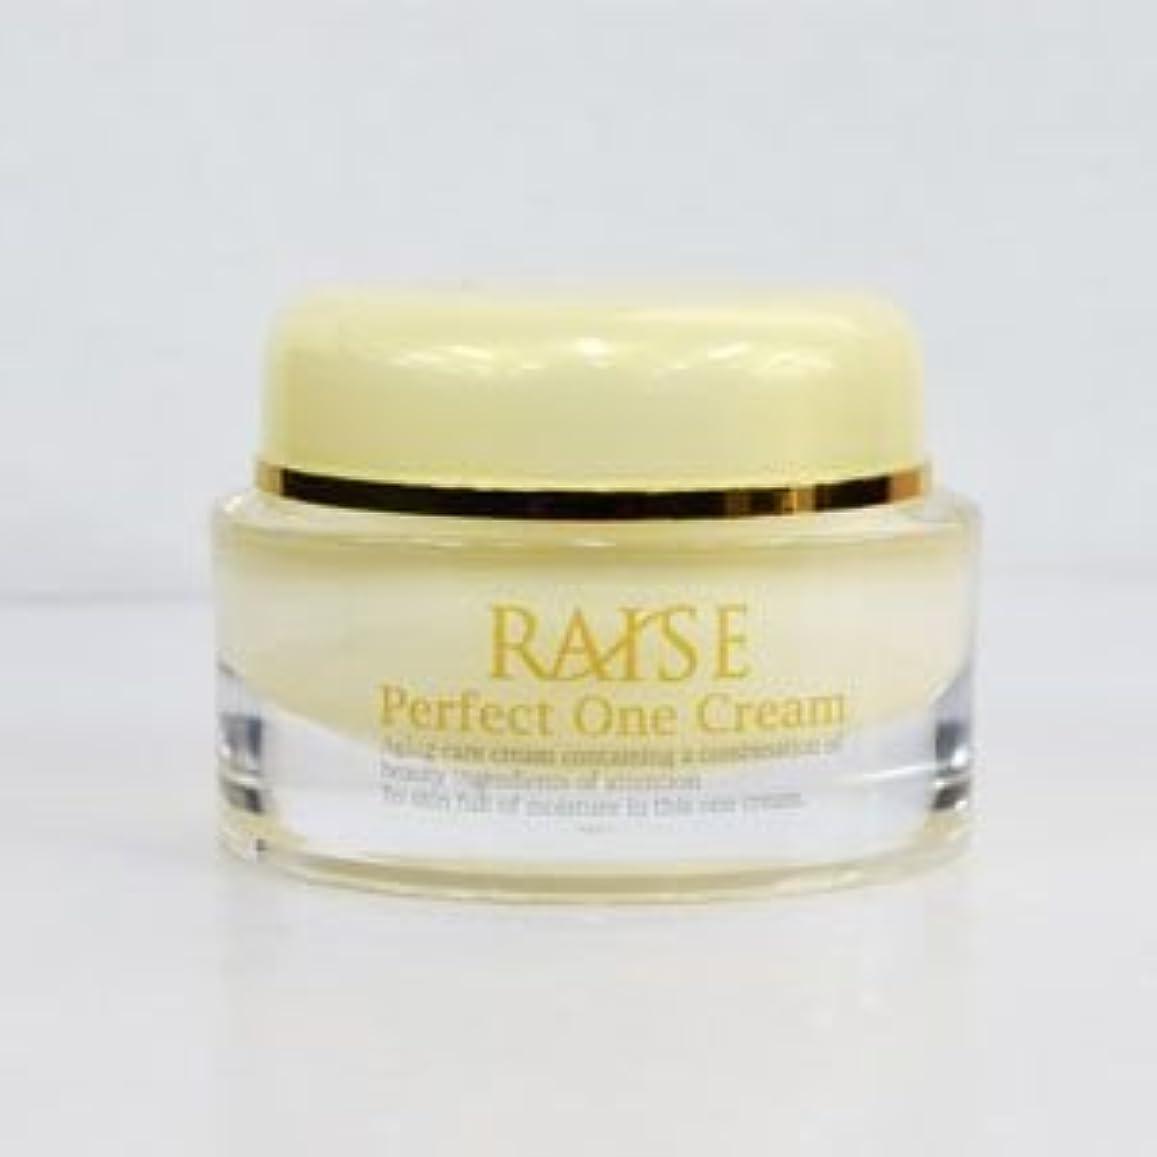 マウスピースつぼみ満足させるRAISE (レイズ) Perfect One Cream パーフェクトワンクリーム 活性型FGF 活性型EGF 馬プラセンタ コラーゲン オールインワン クリーム 50g